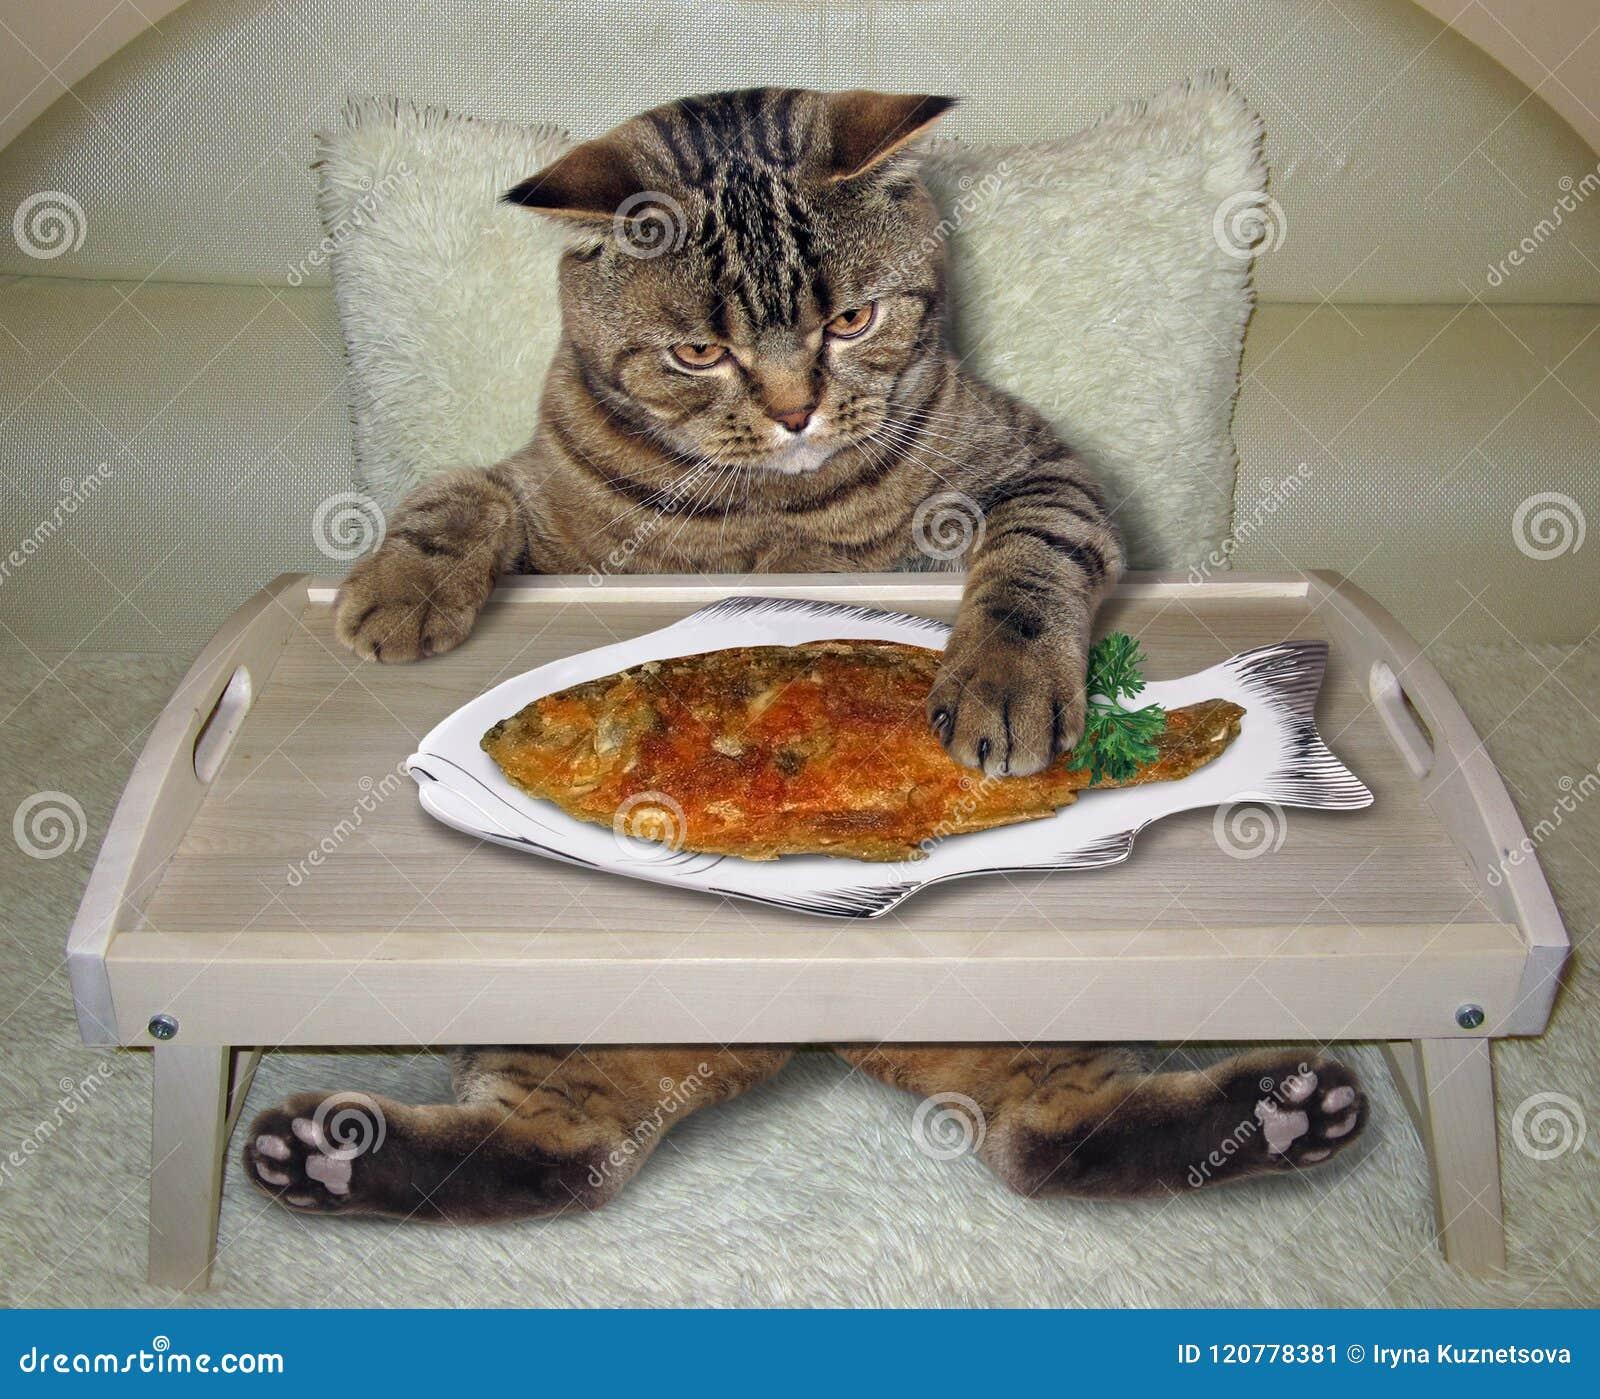 Il gatto mangia il pesce fritto sul letto